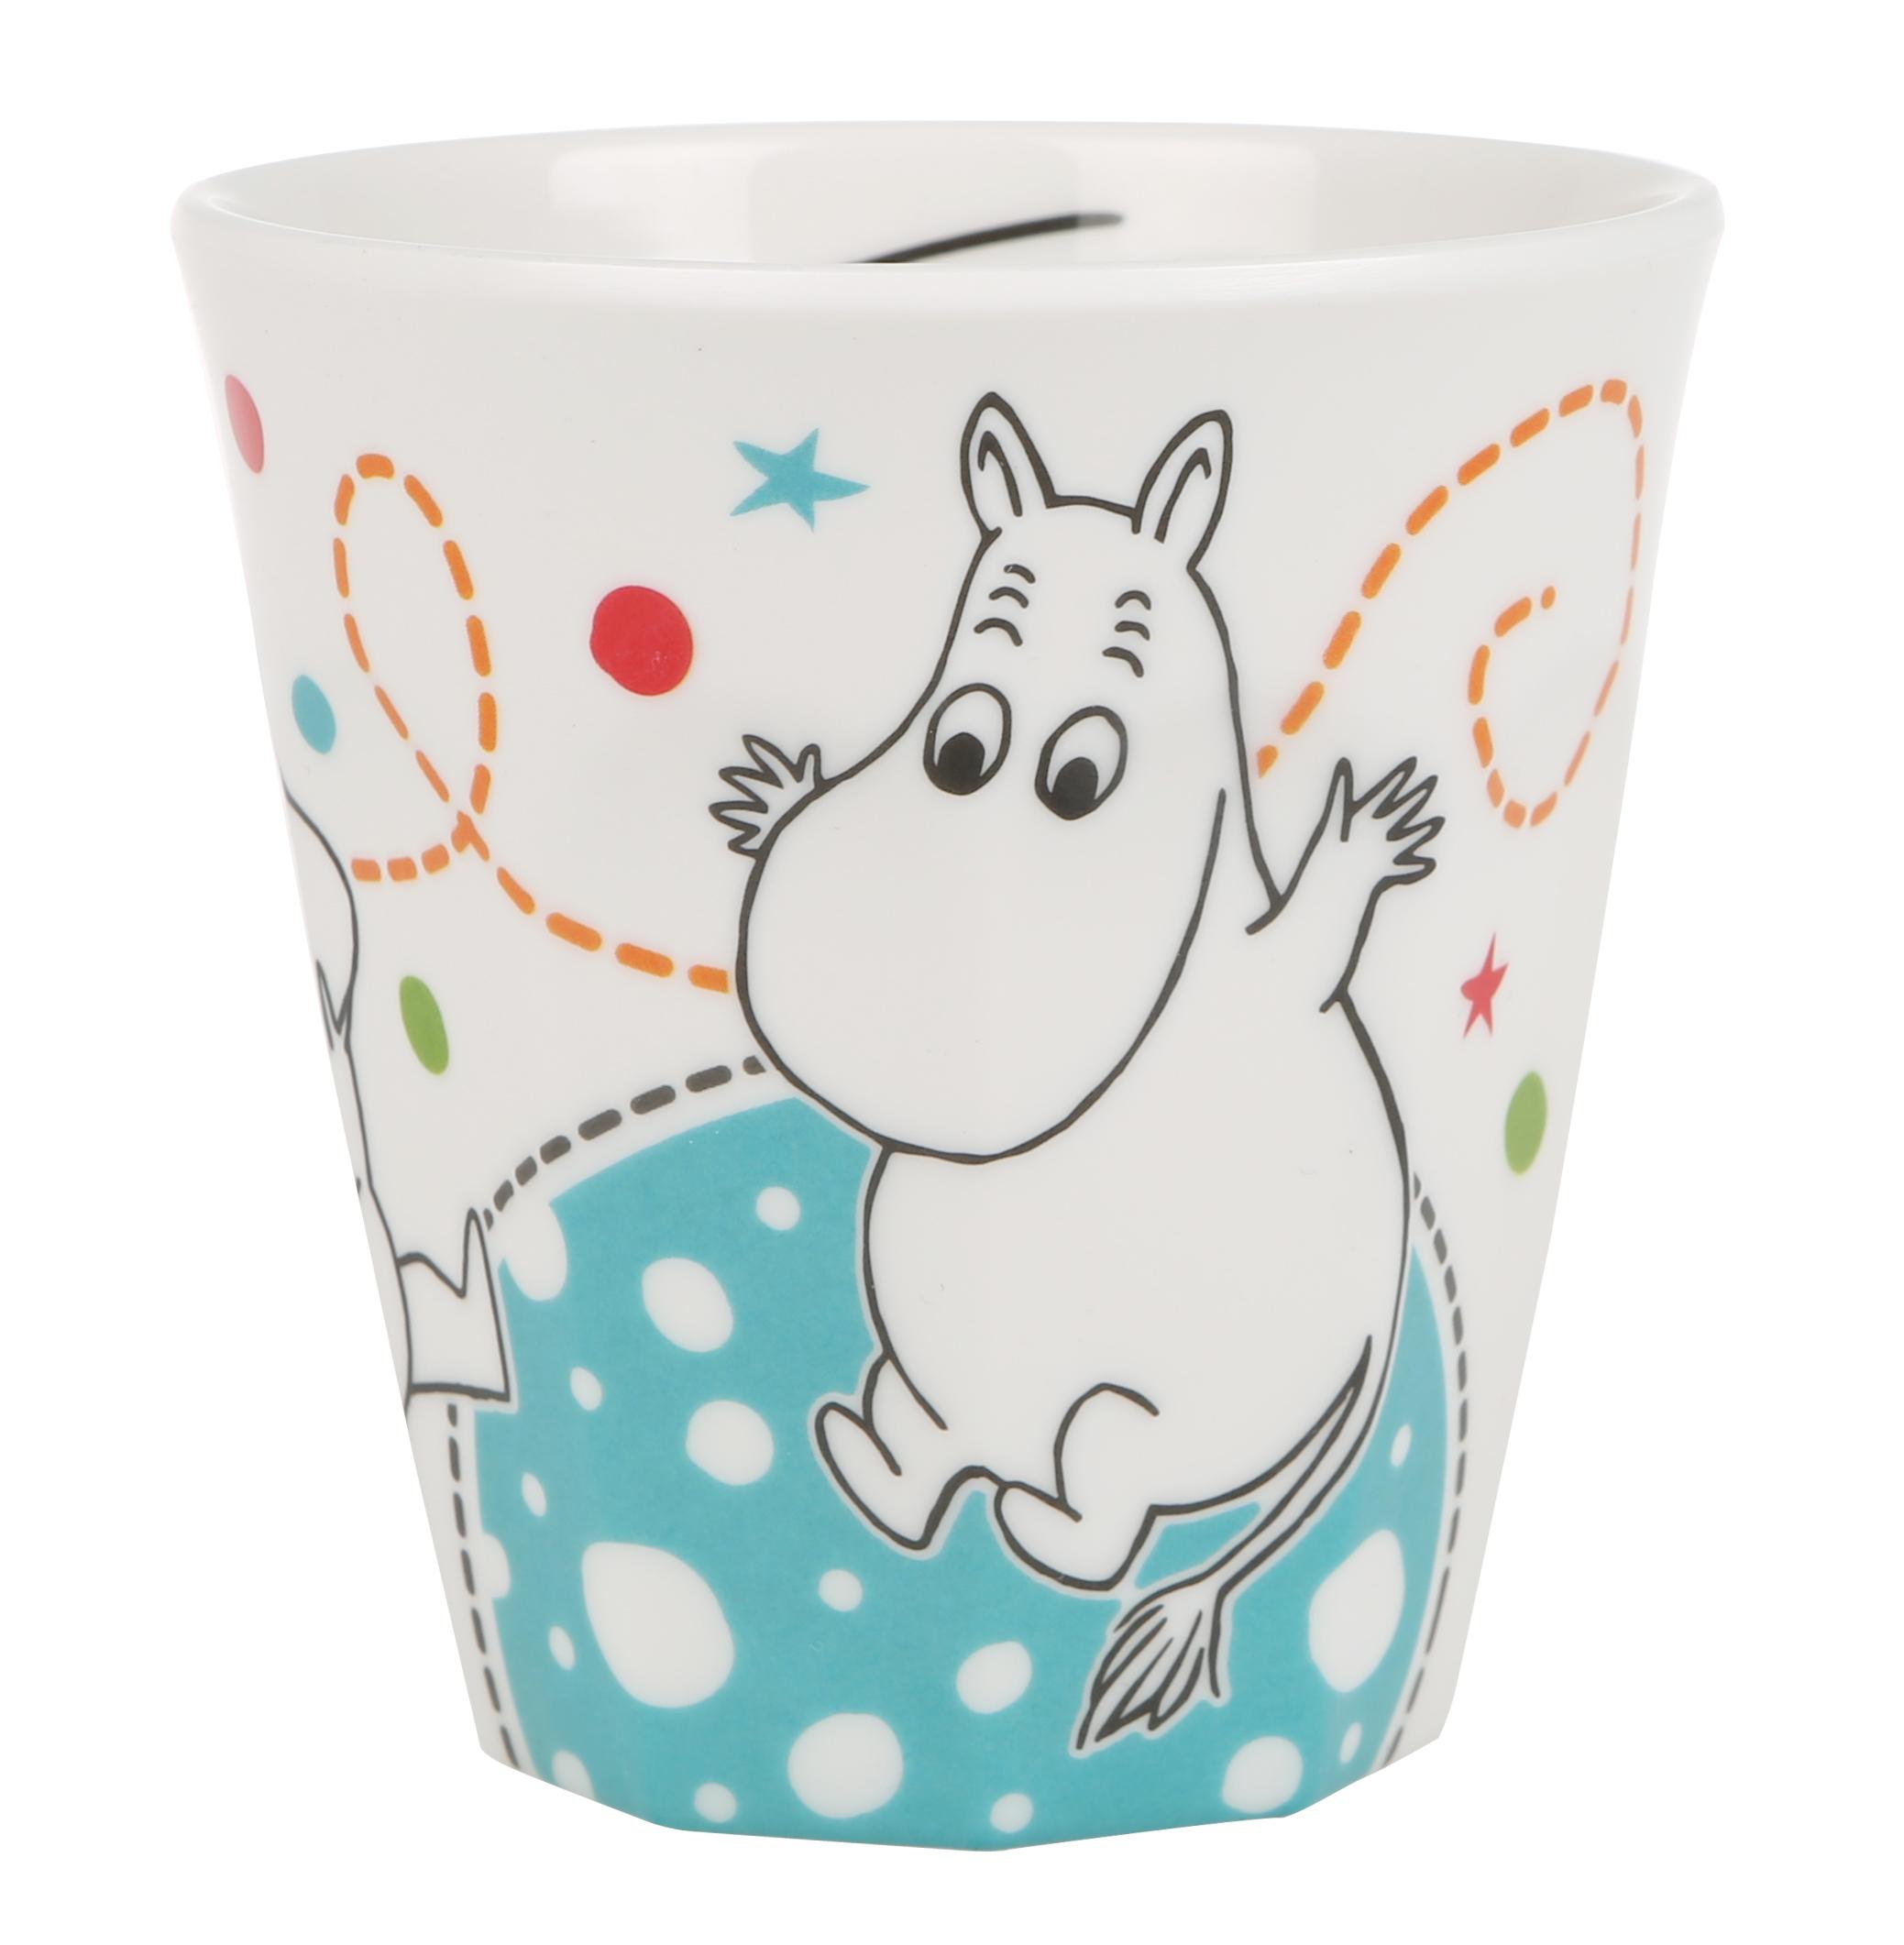 Martinex Moomin Whirls melamine mug